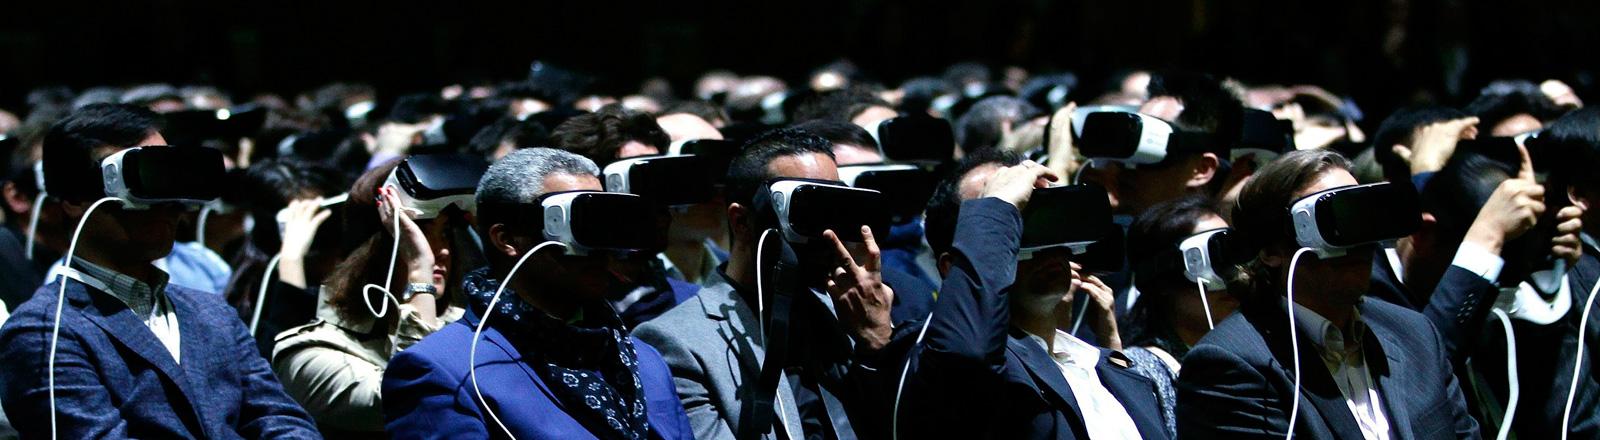 Während der Mobilfunk-Messe in Barcelona präsentiert Samsung ein neues Smartphone. Viele Menschen sitzen in einer Haale und tragen Virtual Reality-Brillen; Foto: dpa